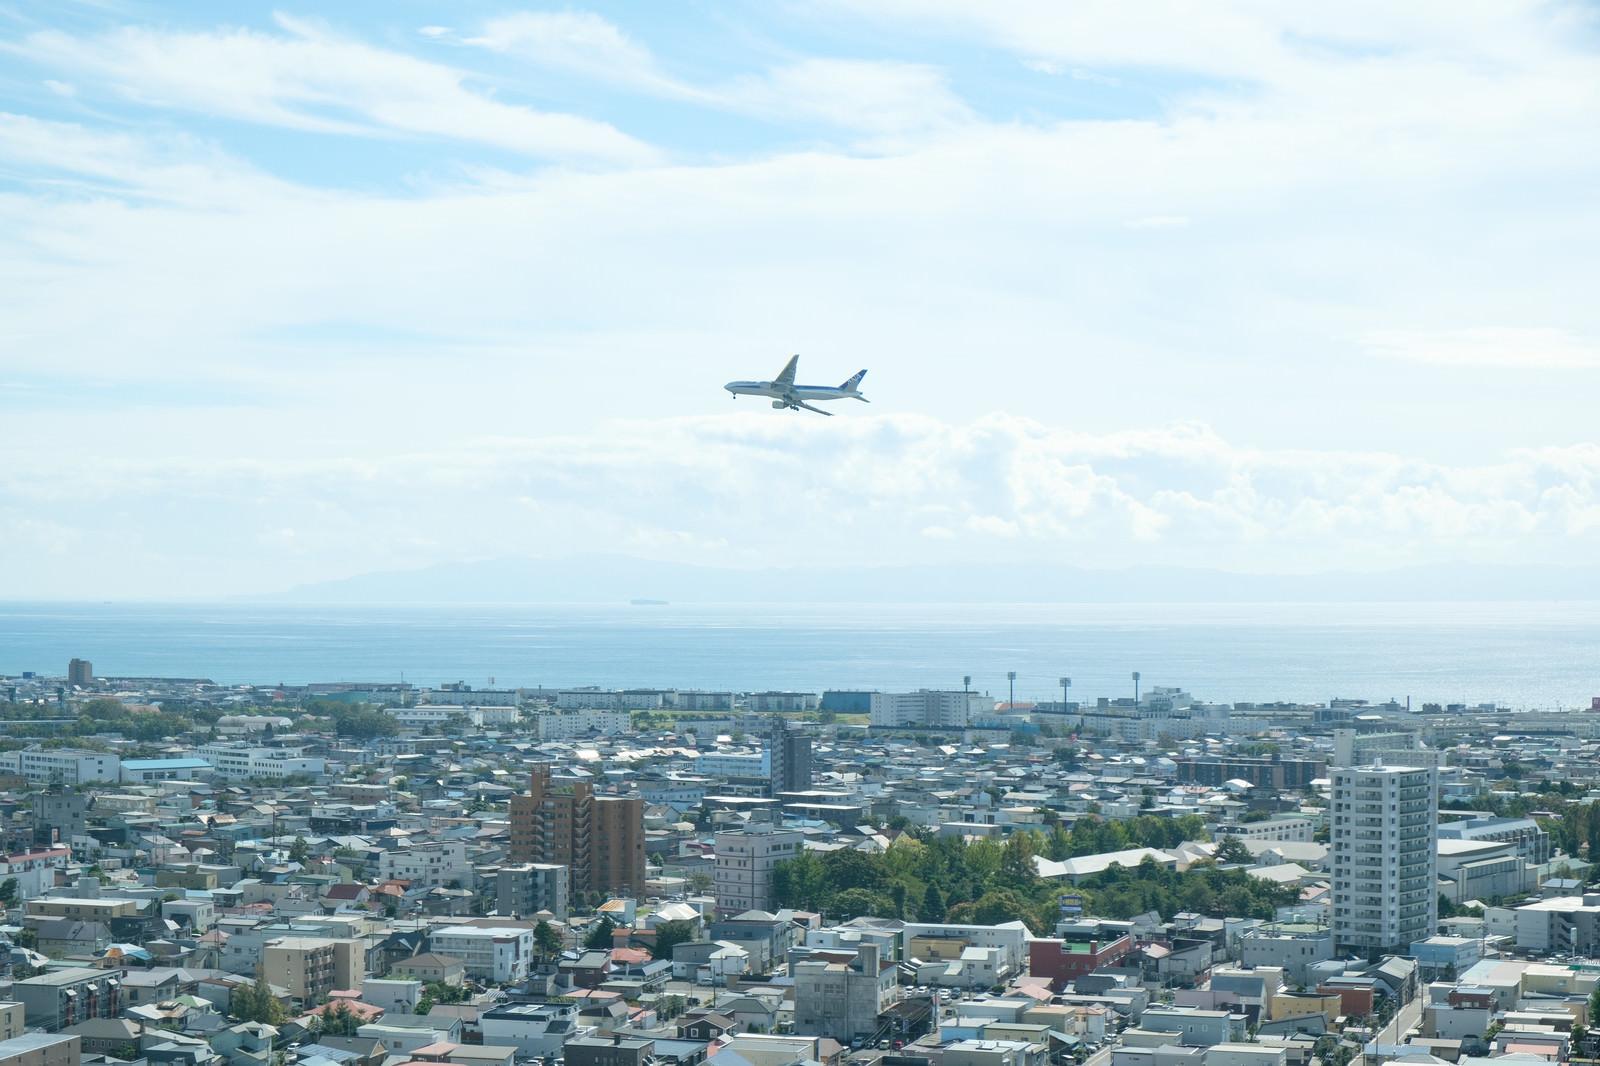 「市街地の上空を旋回する旅客機」の写真